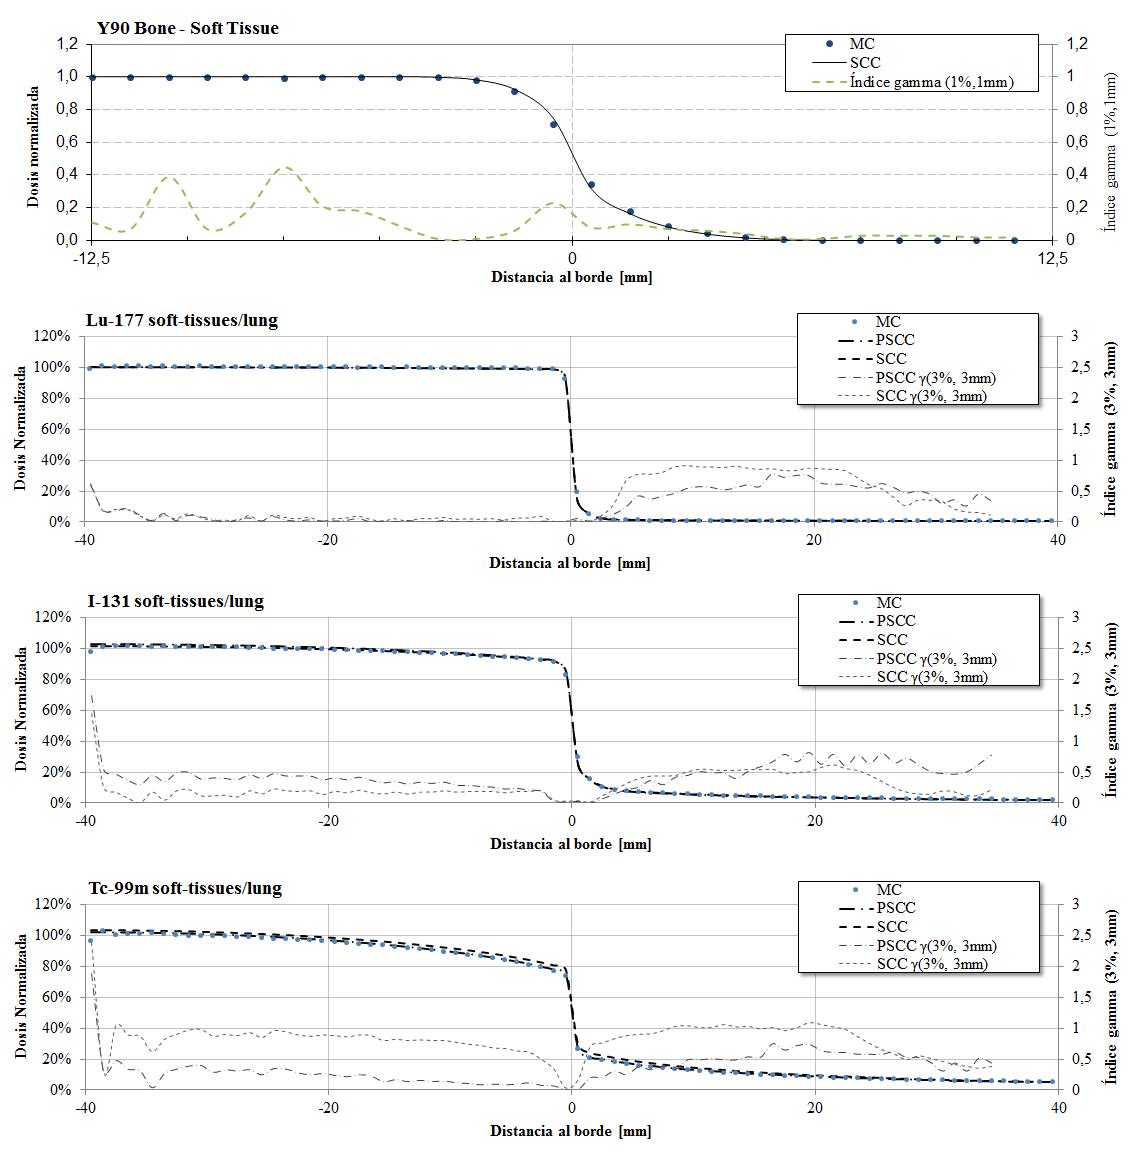 Comparación de los perfiles de dosis, determinados por MC y CC, al cruzar una interfaz tejido-blando/pulmón. Cada subfigura corresponde a un isótopo